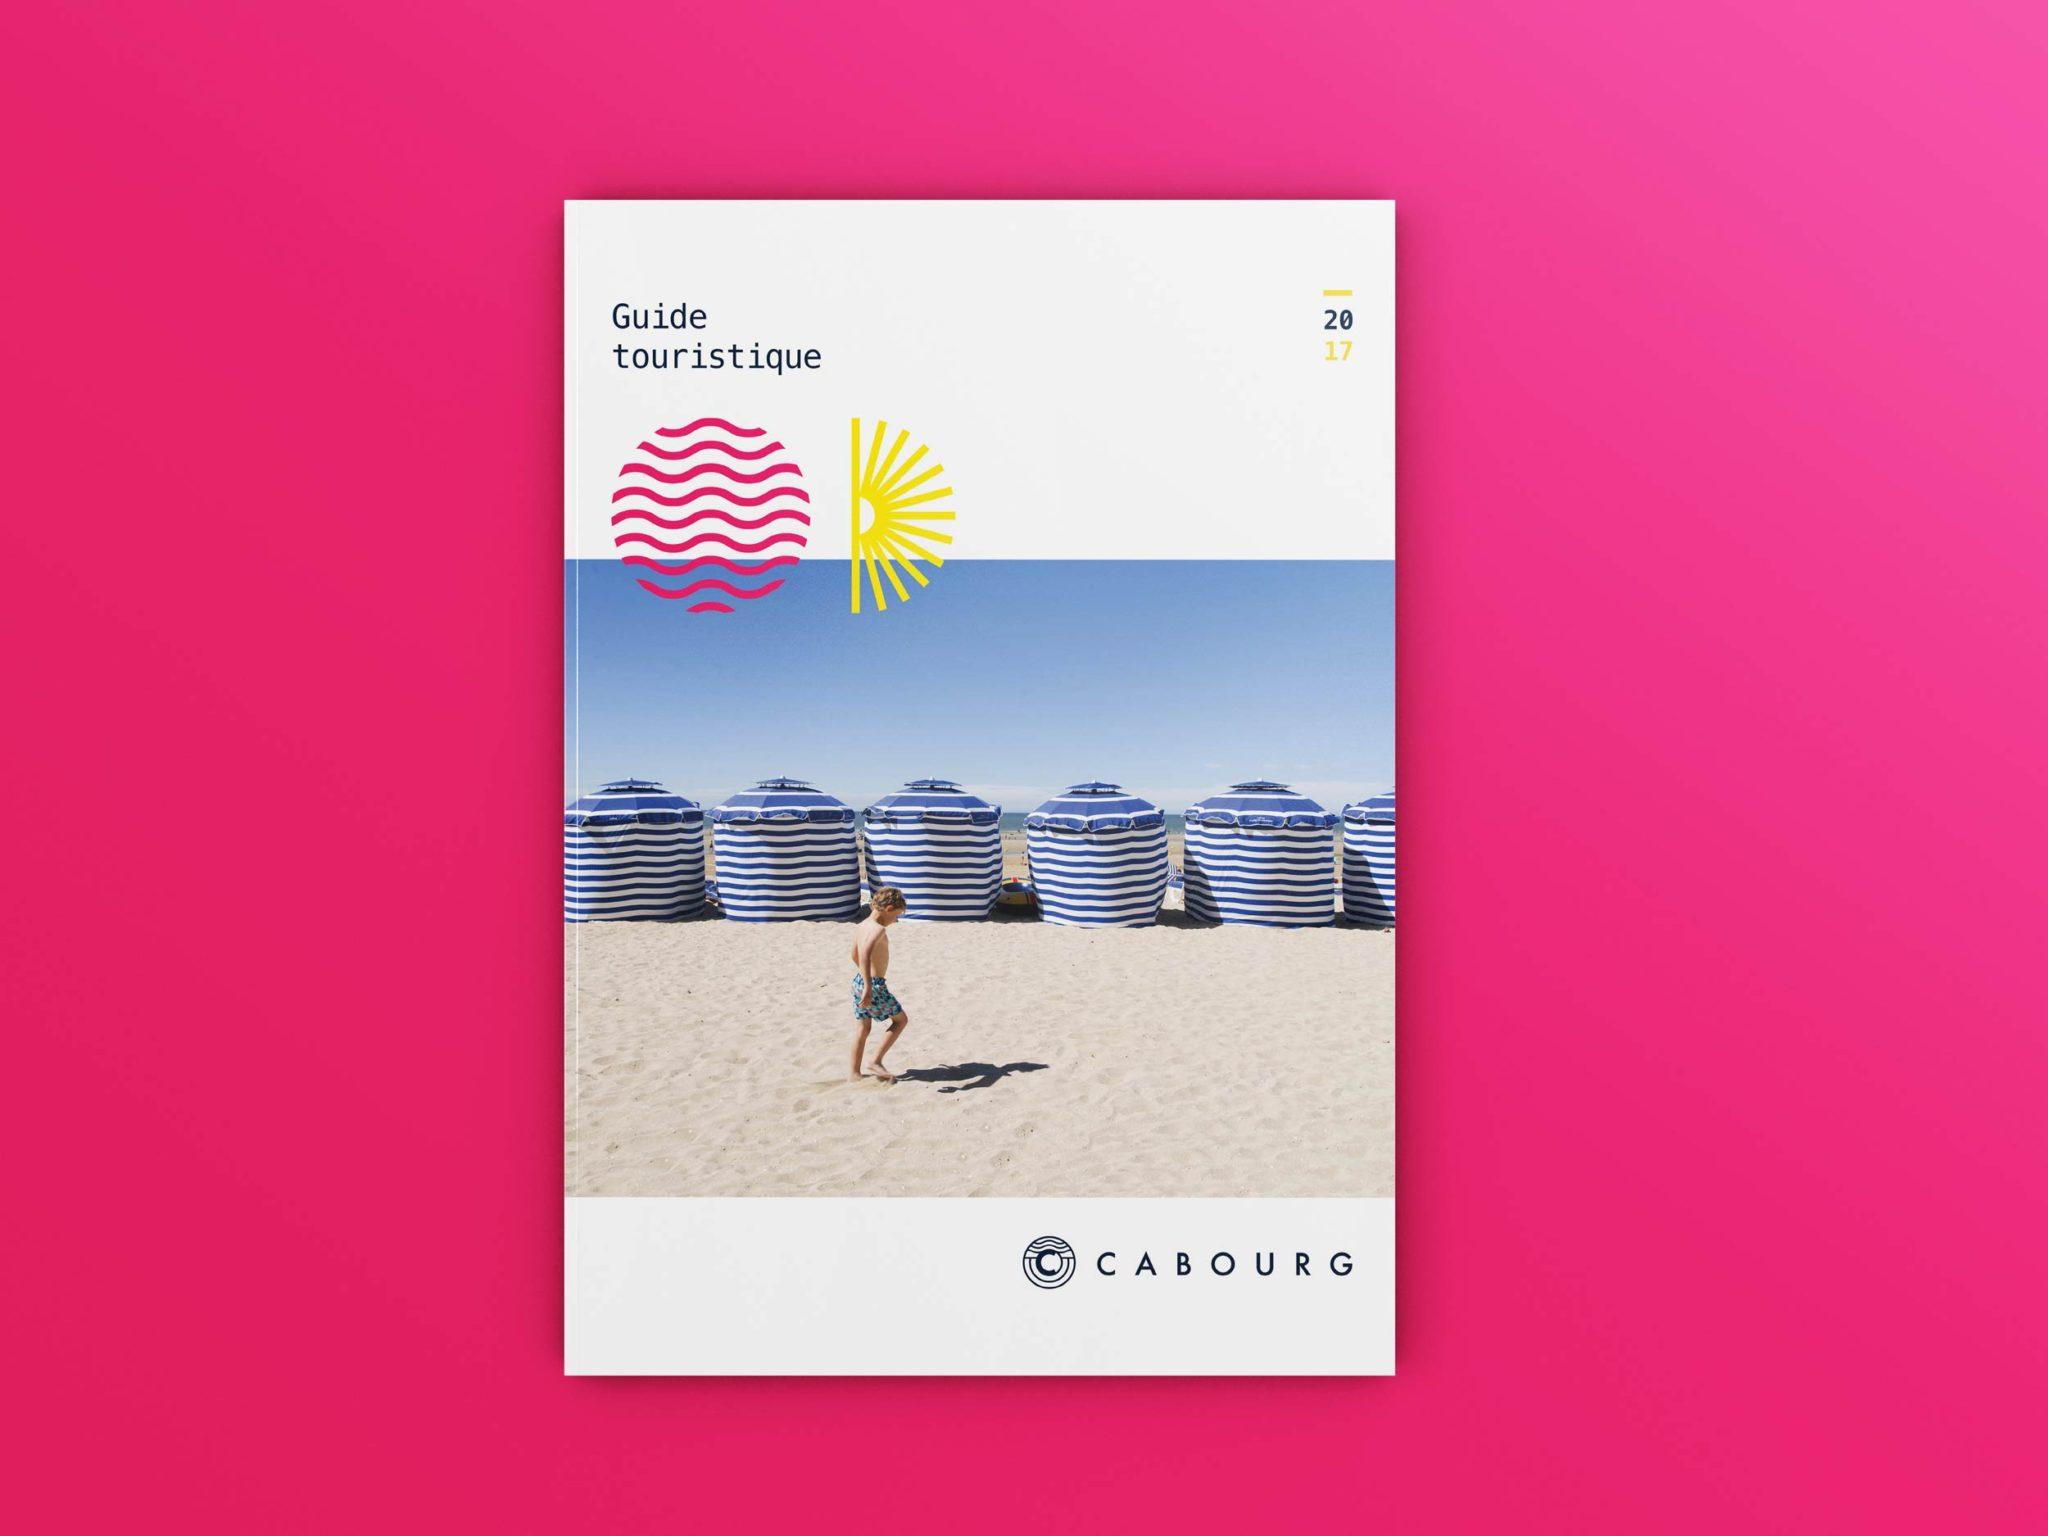 Guide touristique de Cabourg 2017